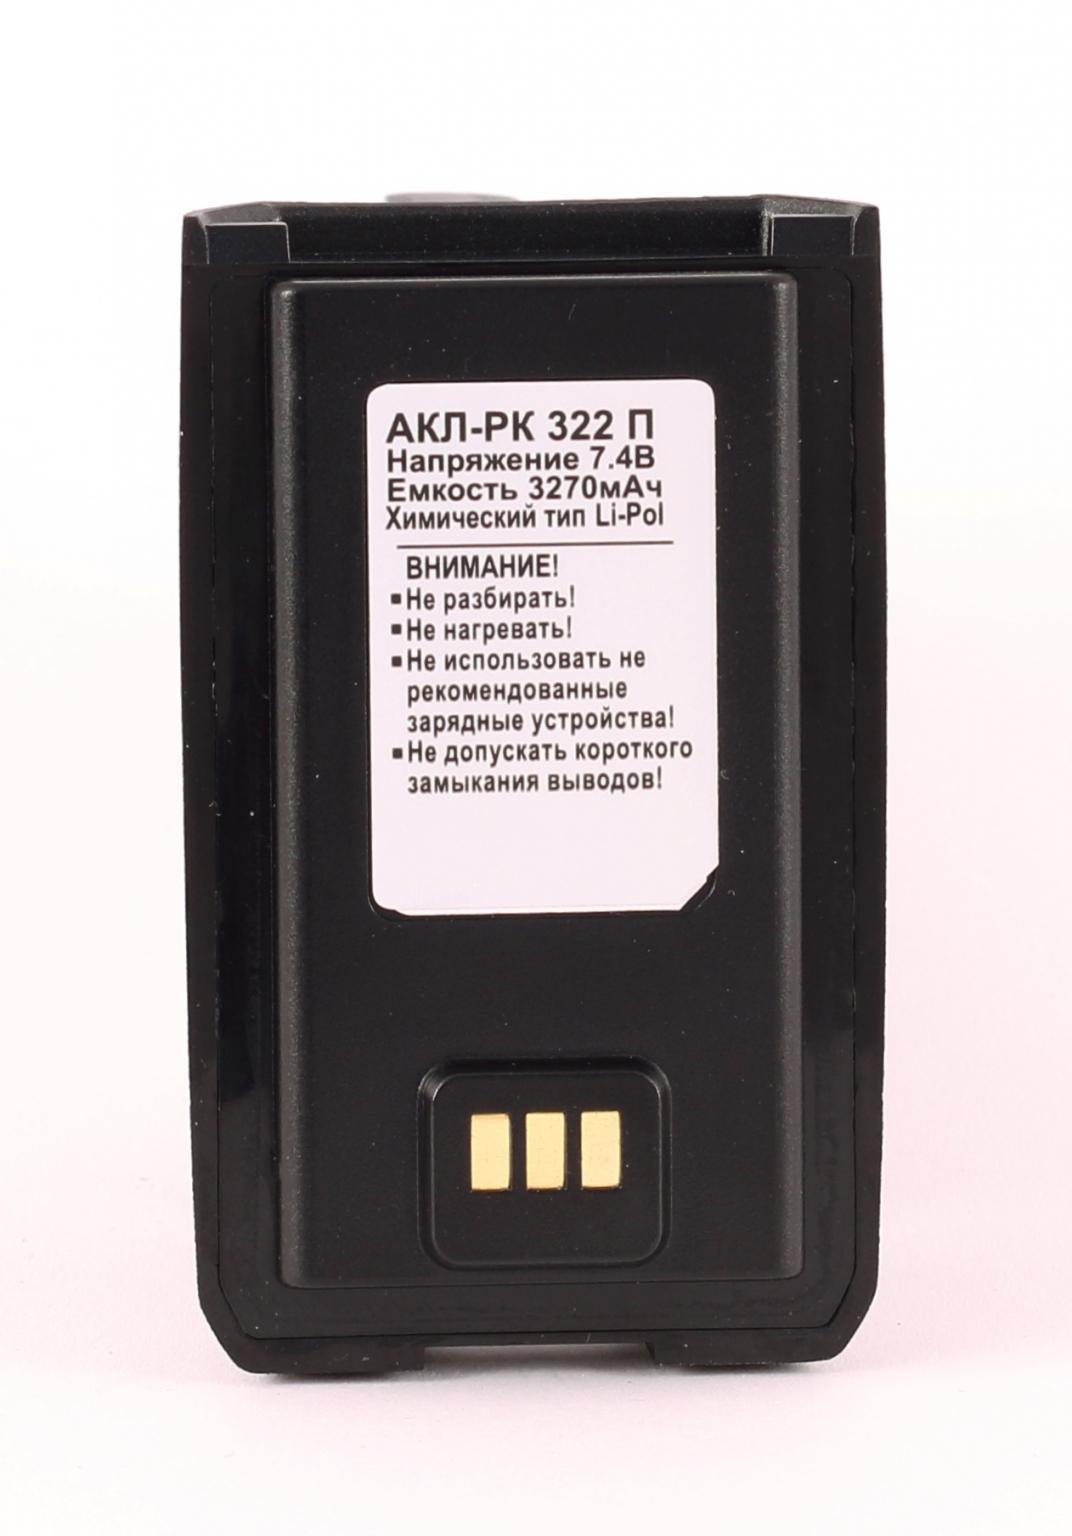 Аккумулятор для рации Терек РК322